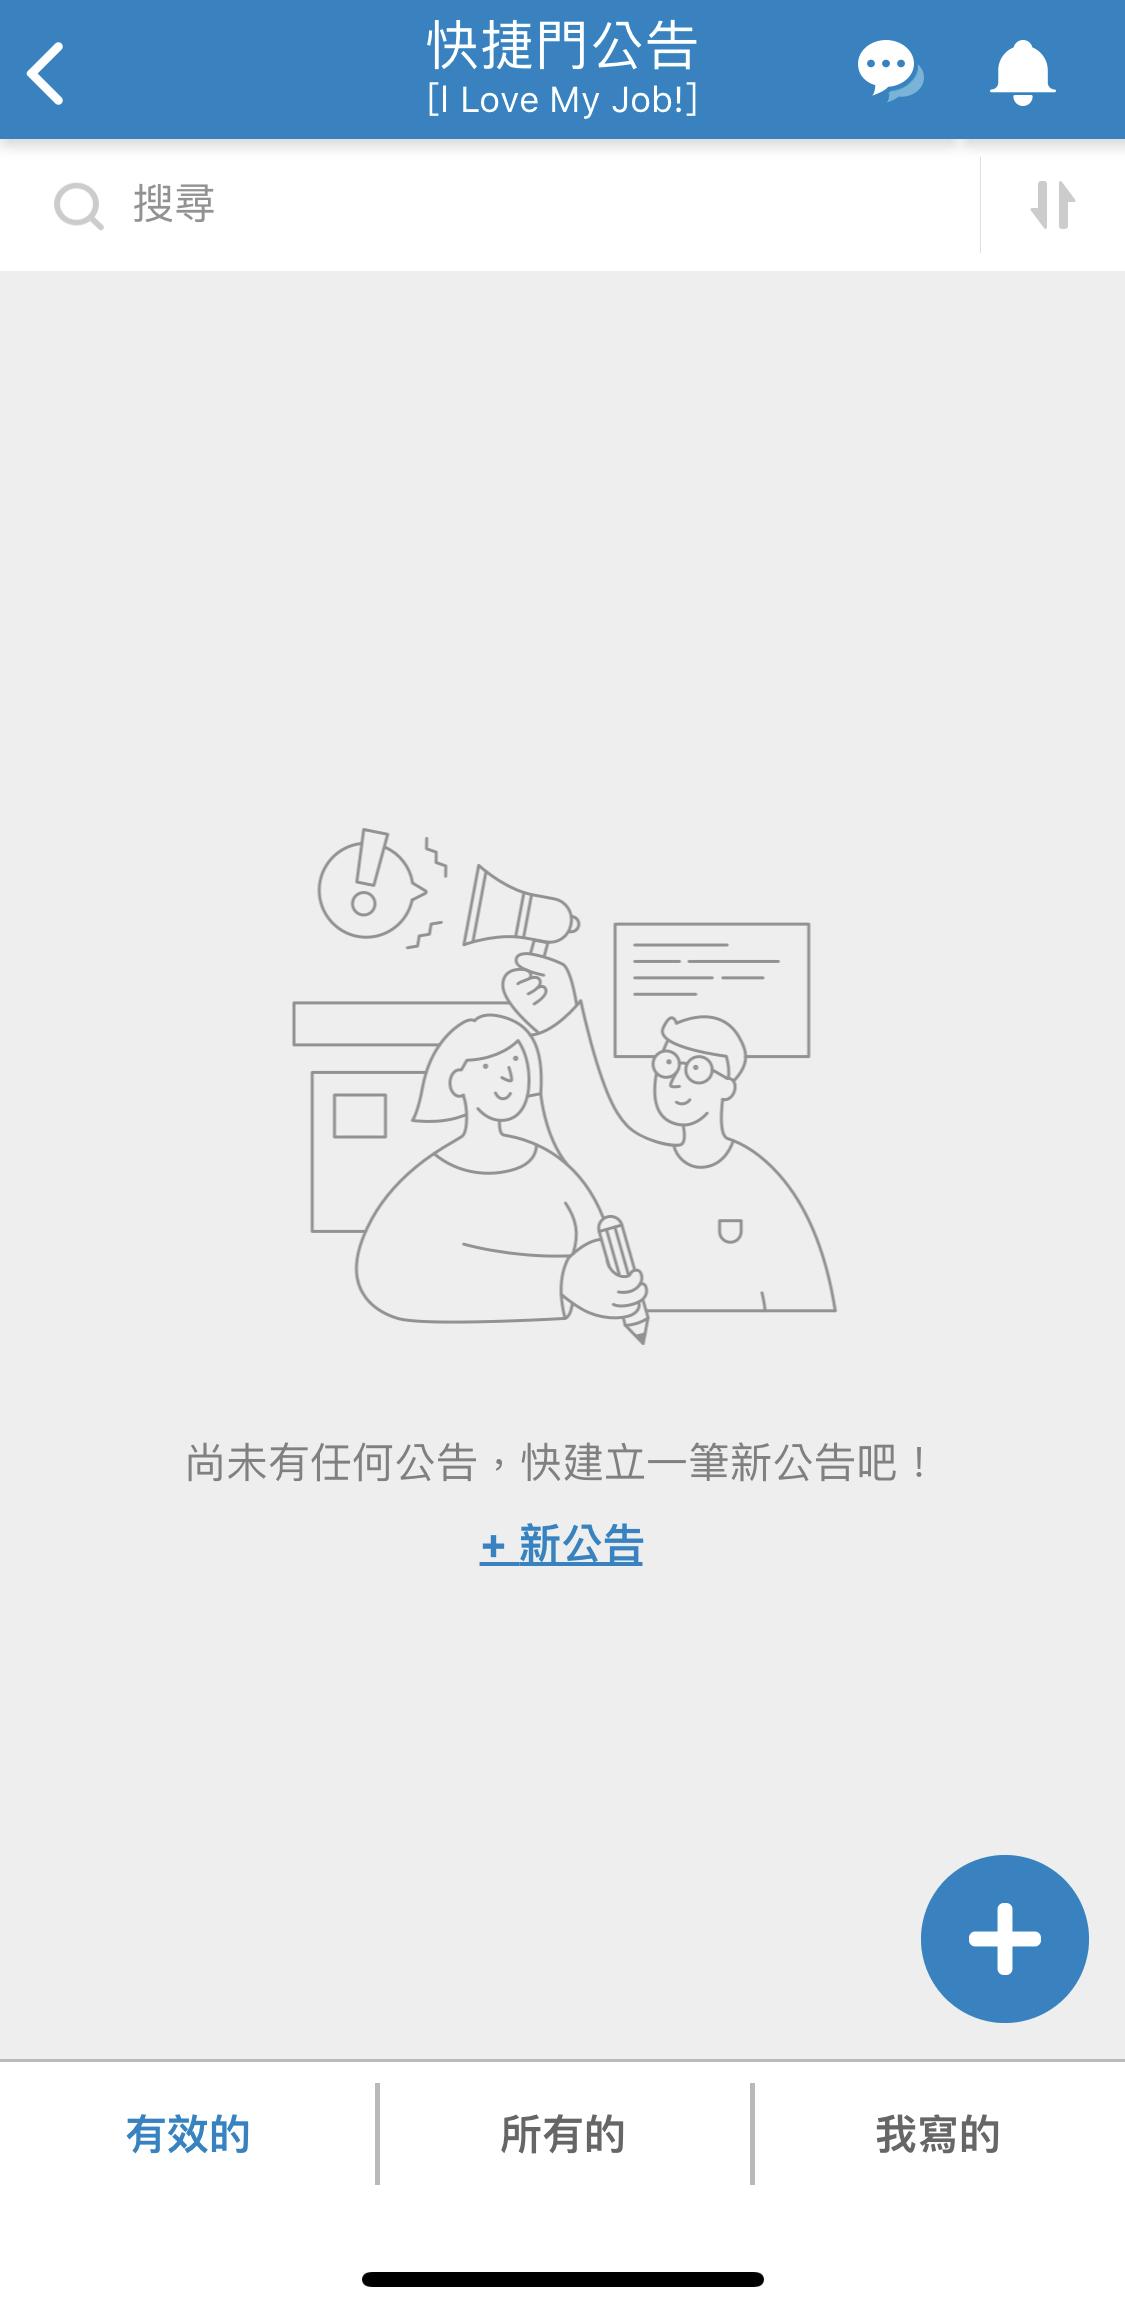 workdo新版本更新公告功能